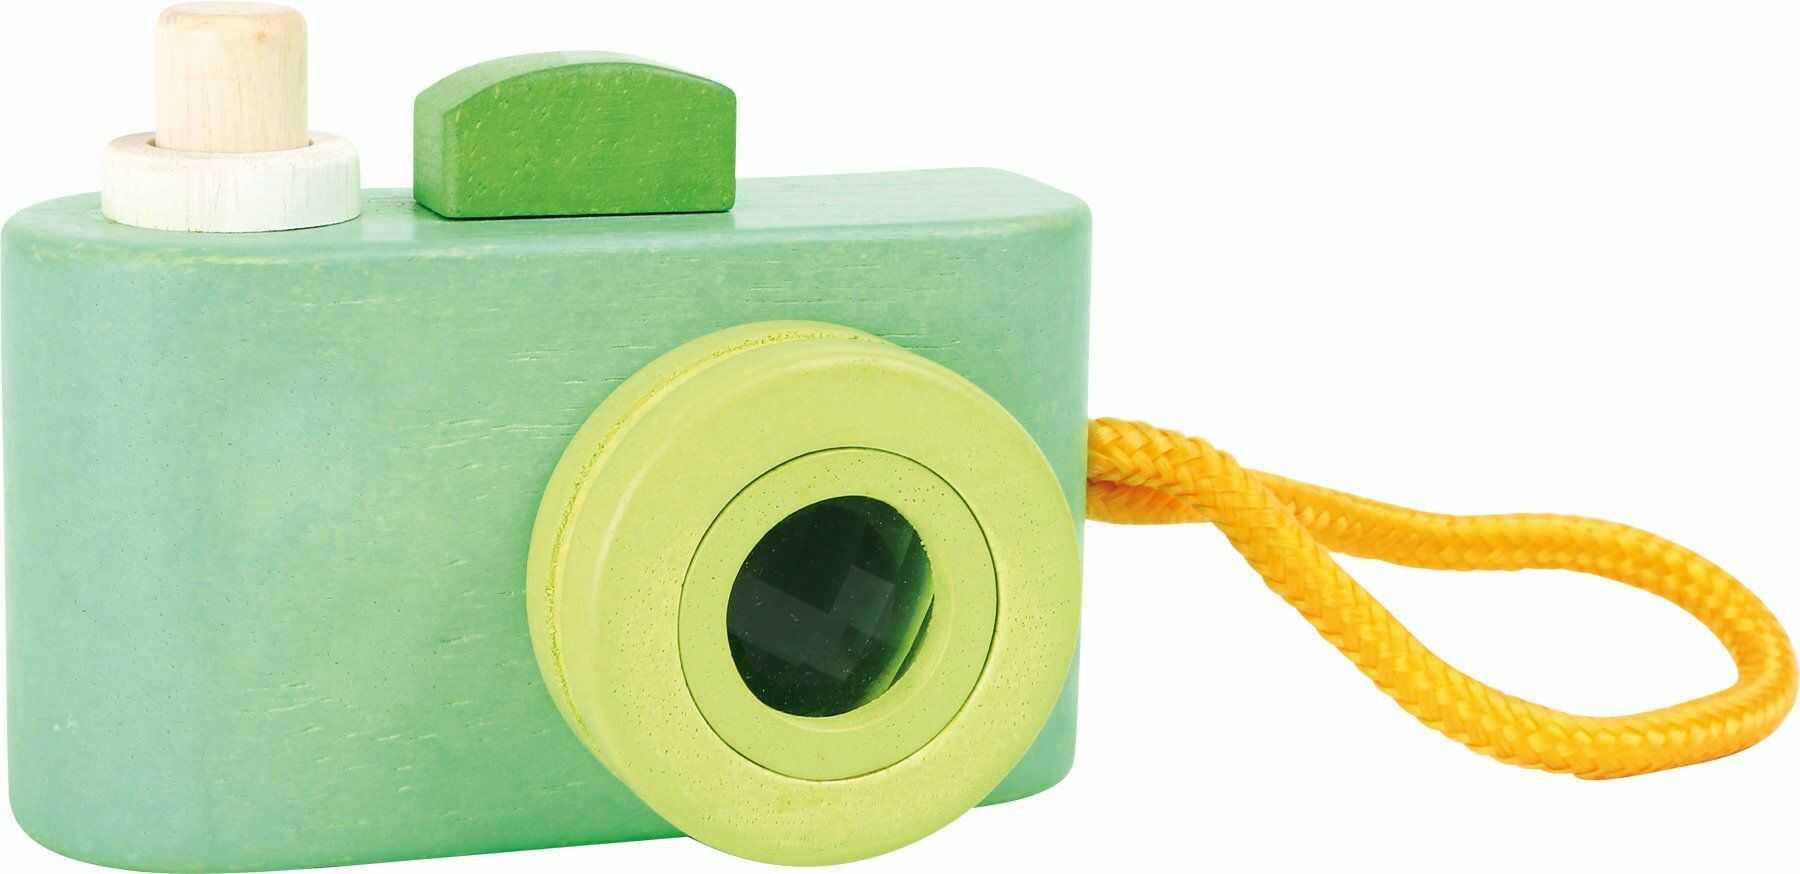 small foot 3124 drewniana kamera do zabawy z piszczącym wyzwalaczem migawki i kalejdoskopem jako obiektyw, od 12 miesięcy